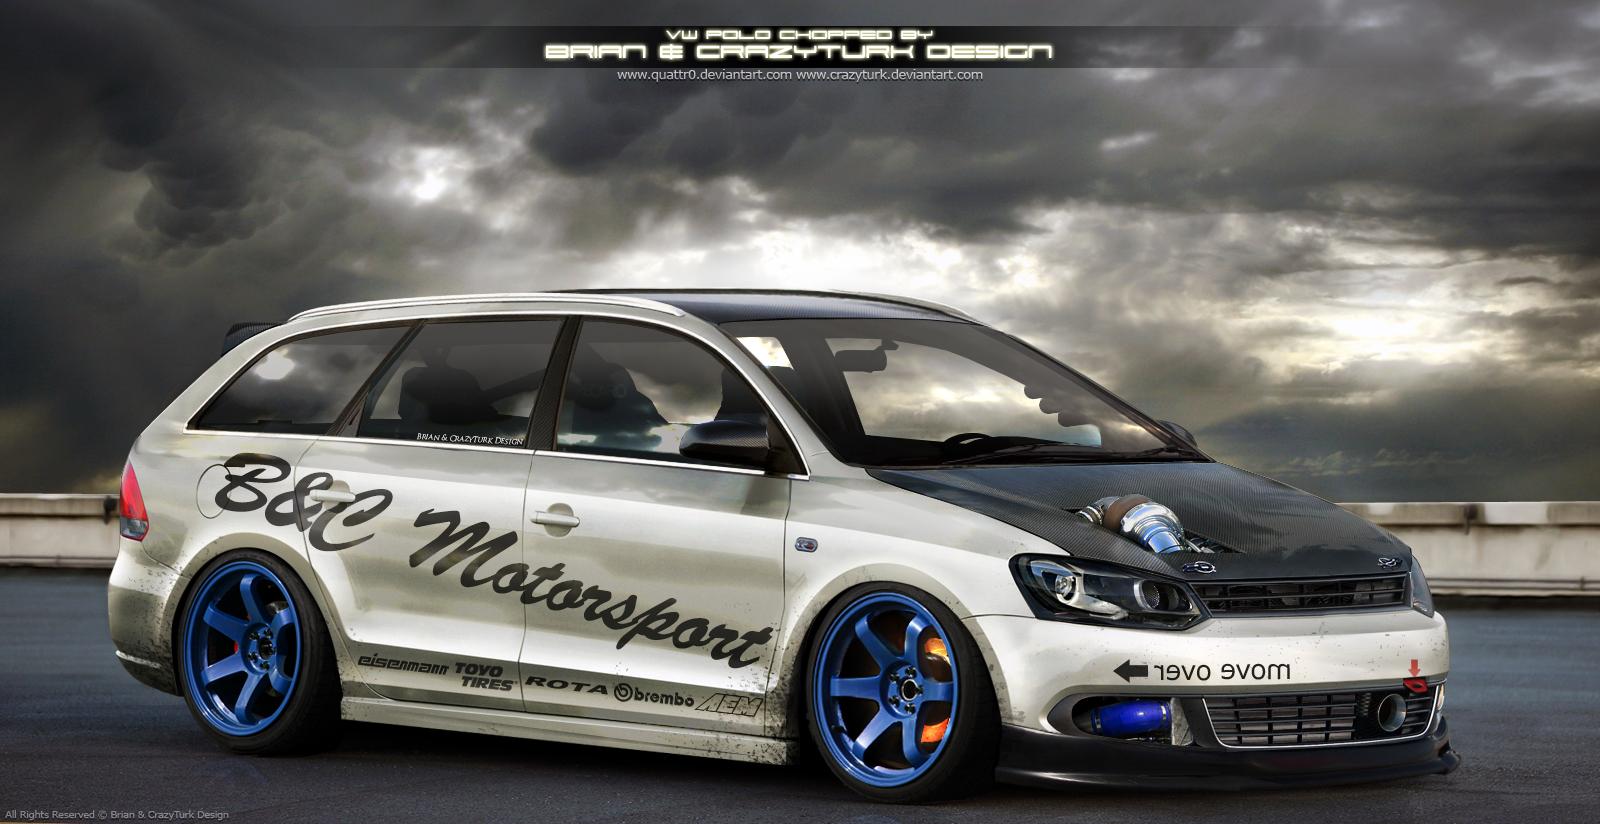 VW Polo Teamchop by Quattr0